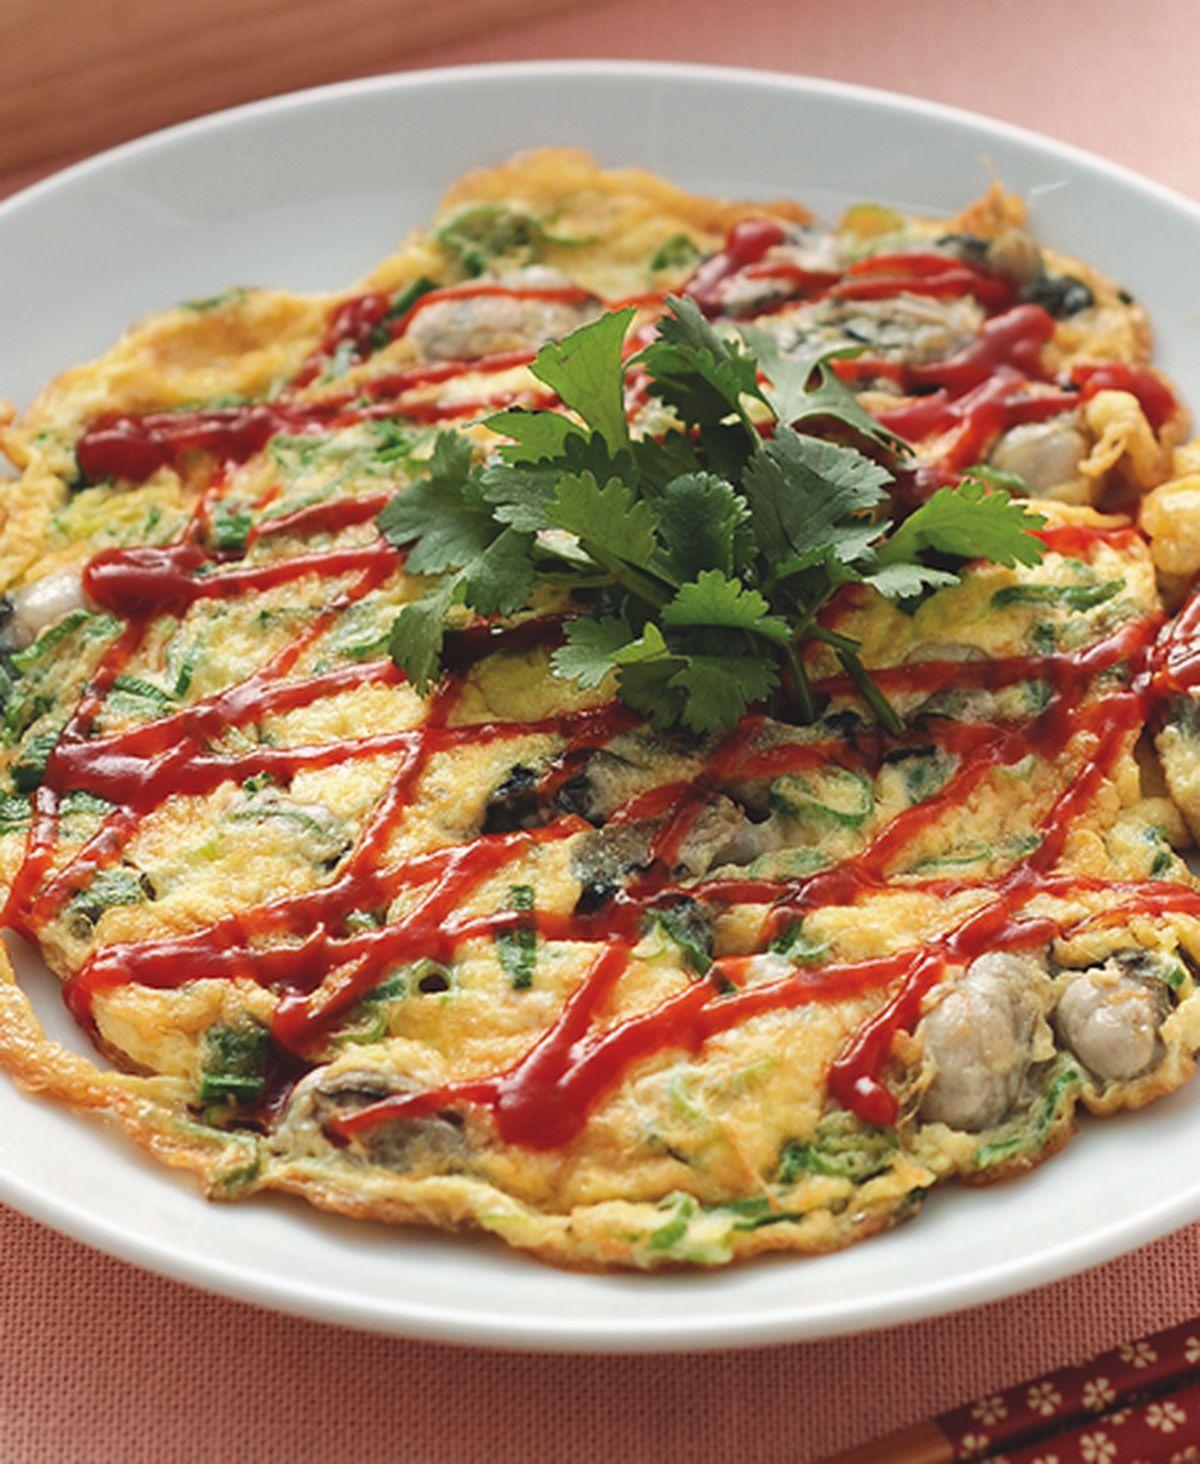 食譜:蚵仔煎蛋